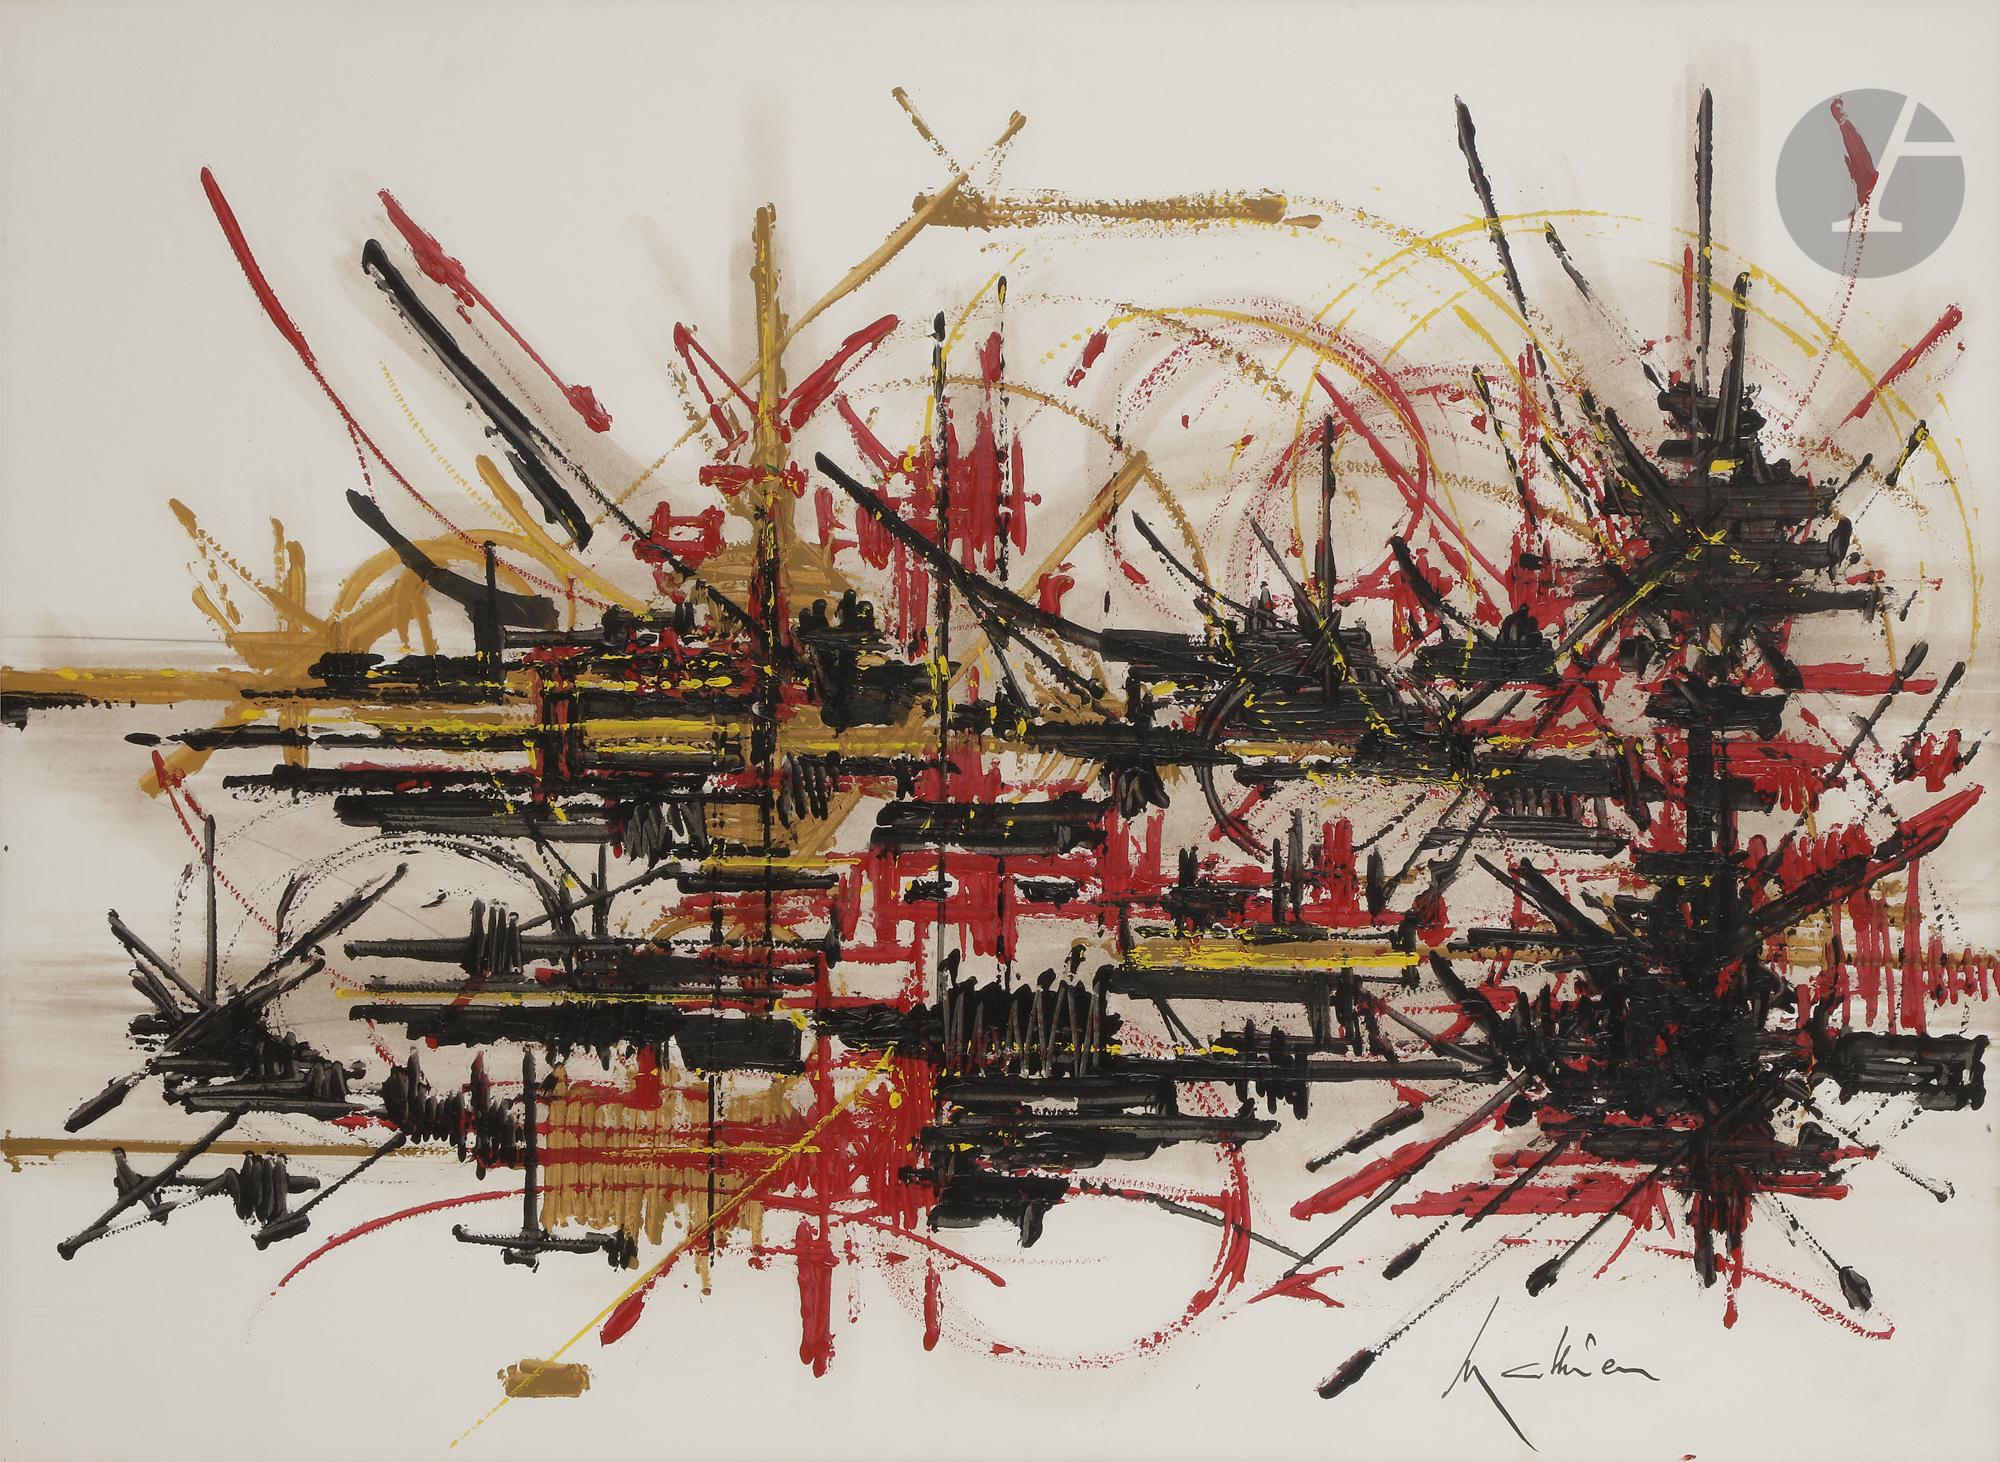 Lot 25 - Georges MATHIEU (1921-2012) Échanges amers, vers 1986 Huile sur papier contrecollé sur toile. Signée